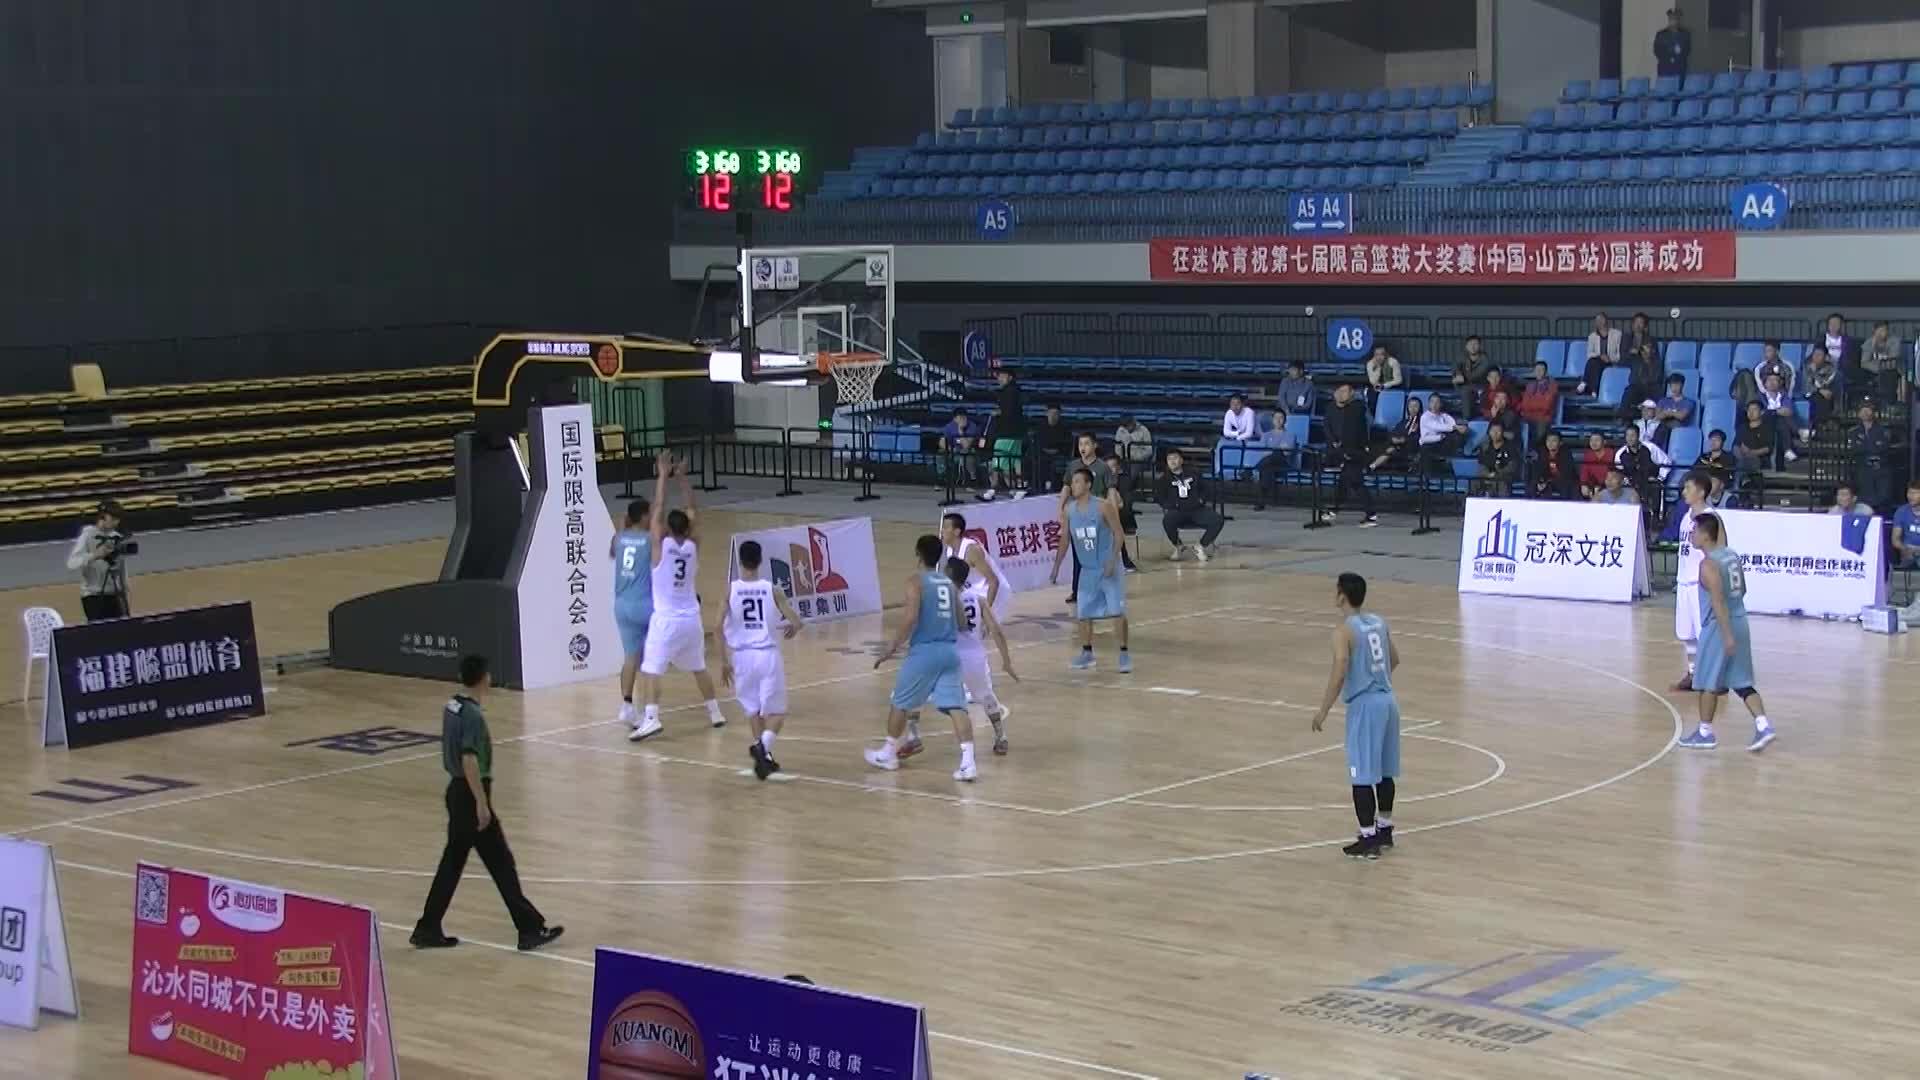 回顾| 篮球赛事精彩集锦之福建石狮高乐体育